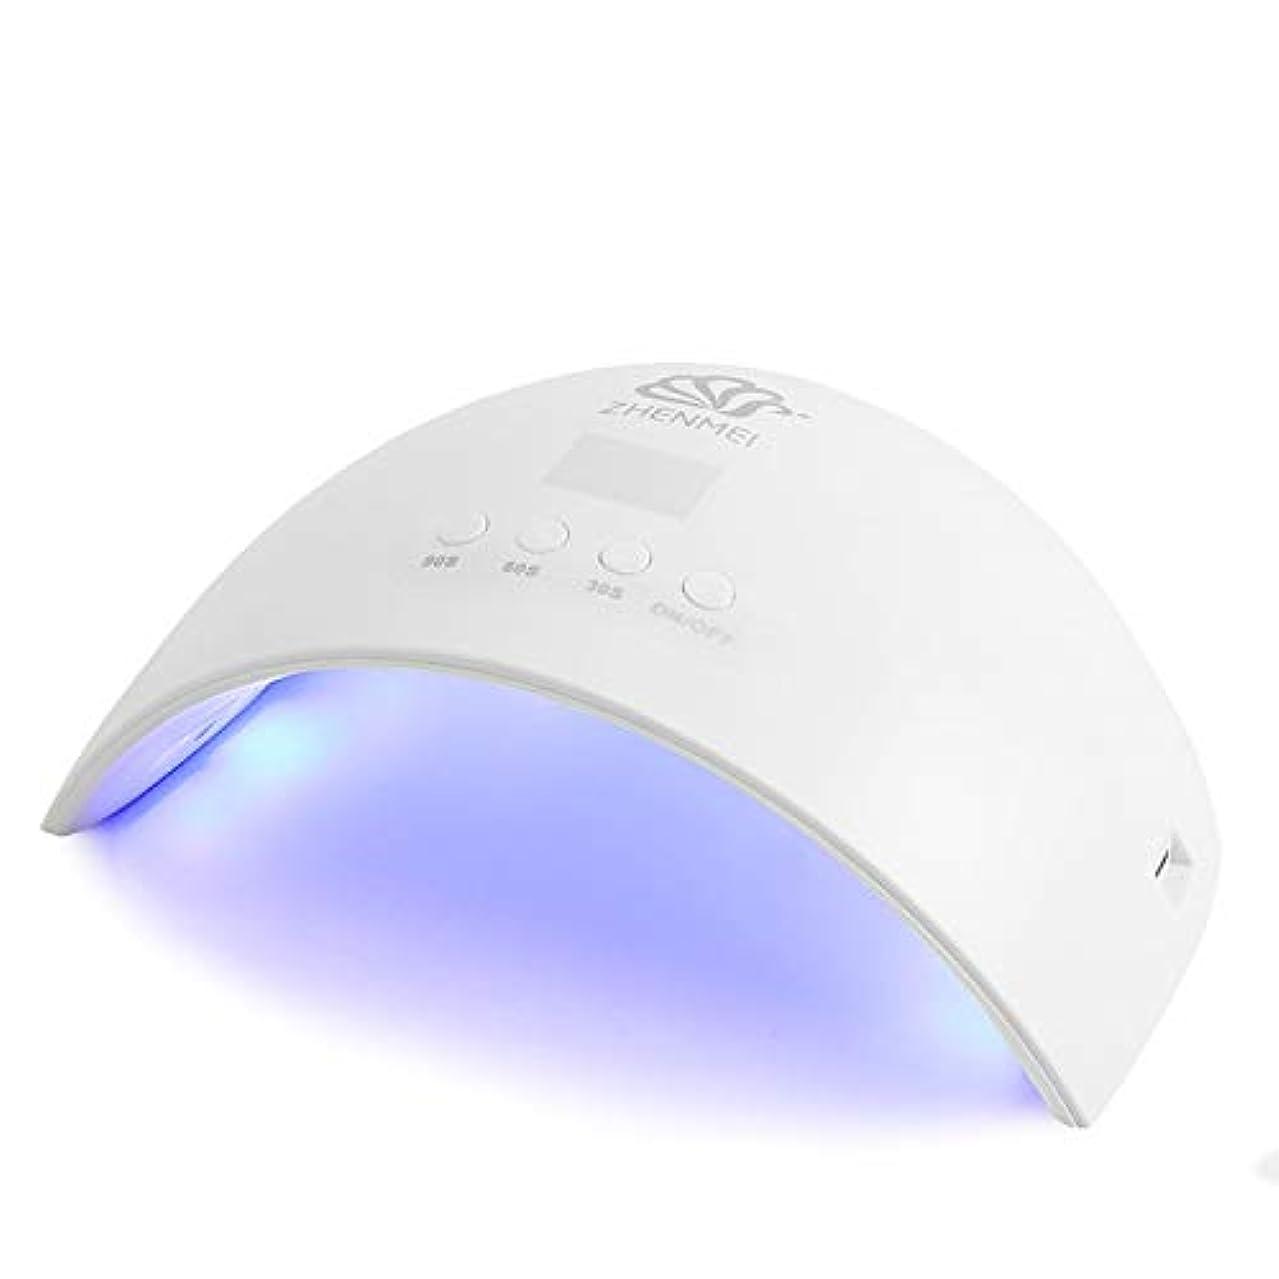 LEDインジケータ24W 12デュアル光源UV + LED、自動検知、4タイマー設定30/60 / 90S / 99S、プロネイルライトUV LEDネイルライト家庭用ネイル/プロ用